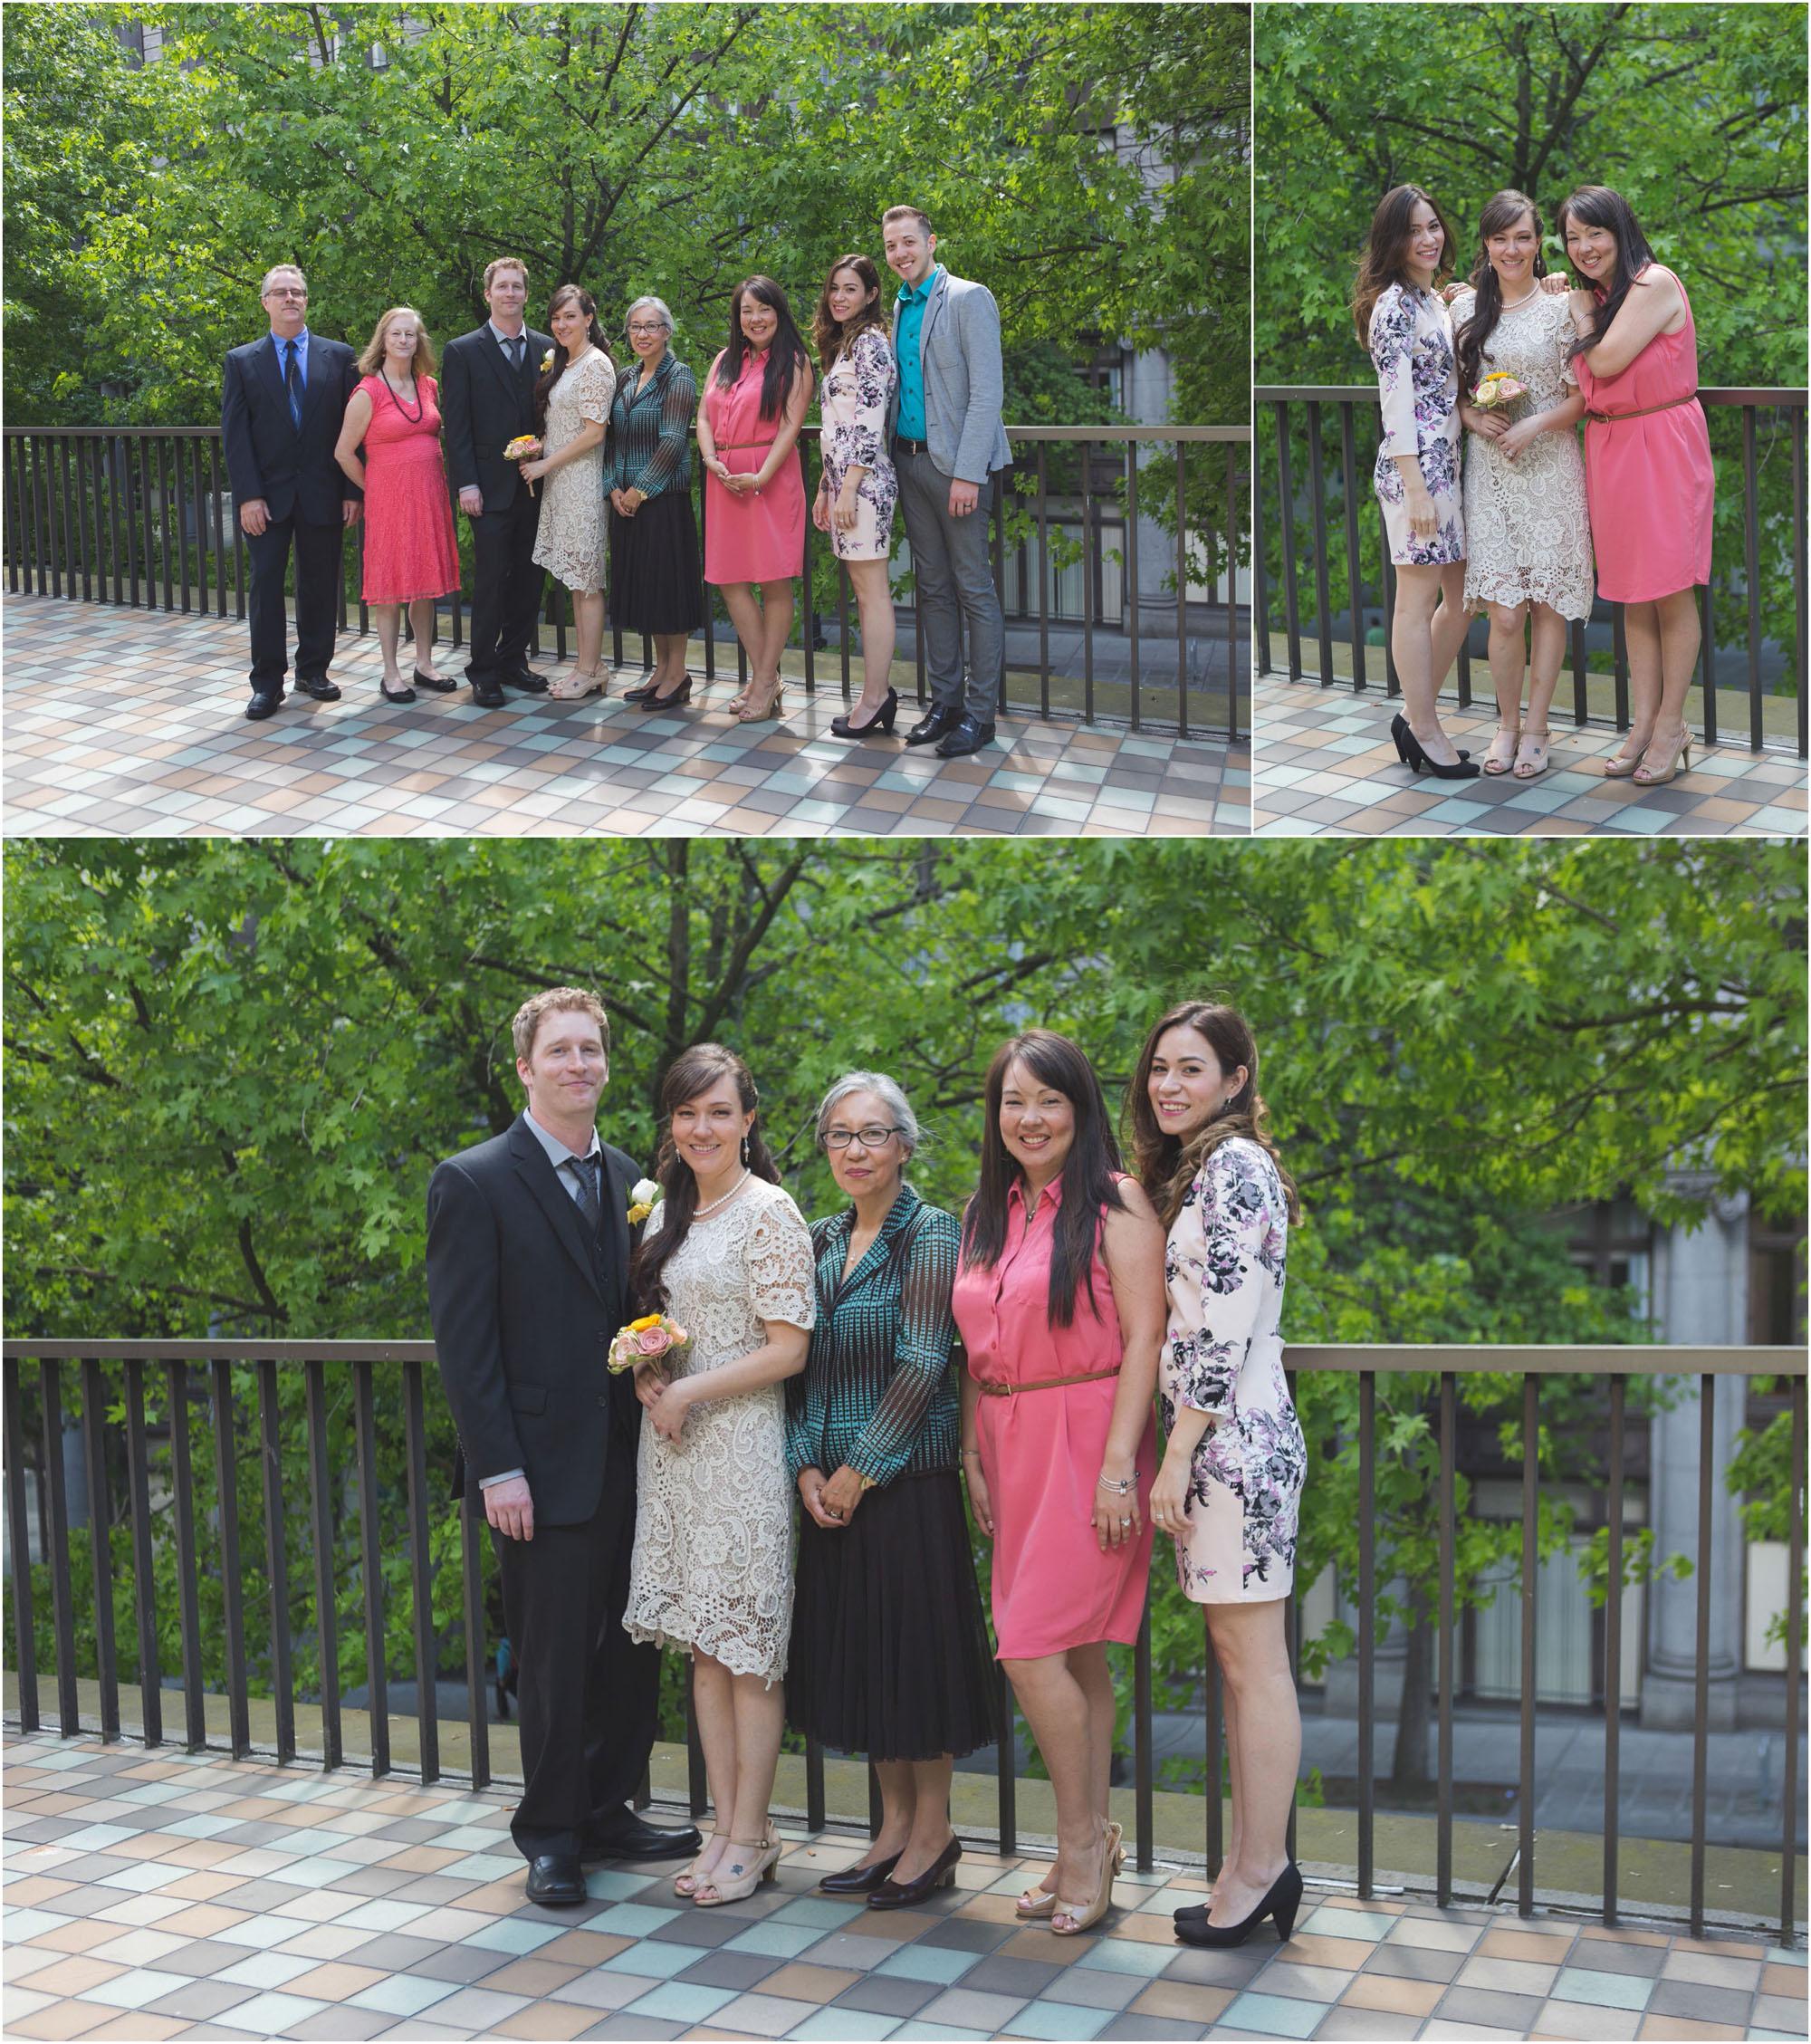 ashley vos photography seattle area wedding photographer courthouse wedding court house wedding seattle washington_0011.jpg